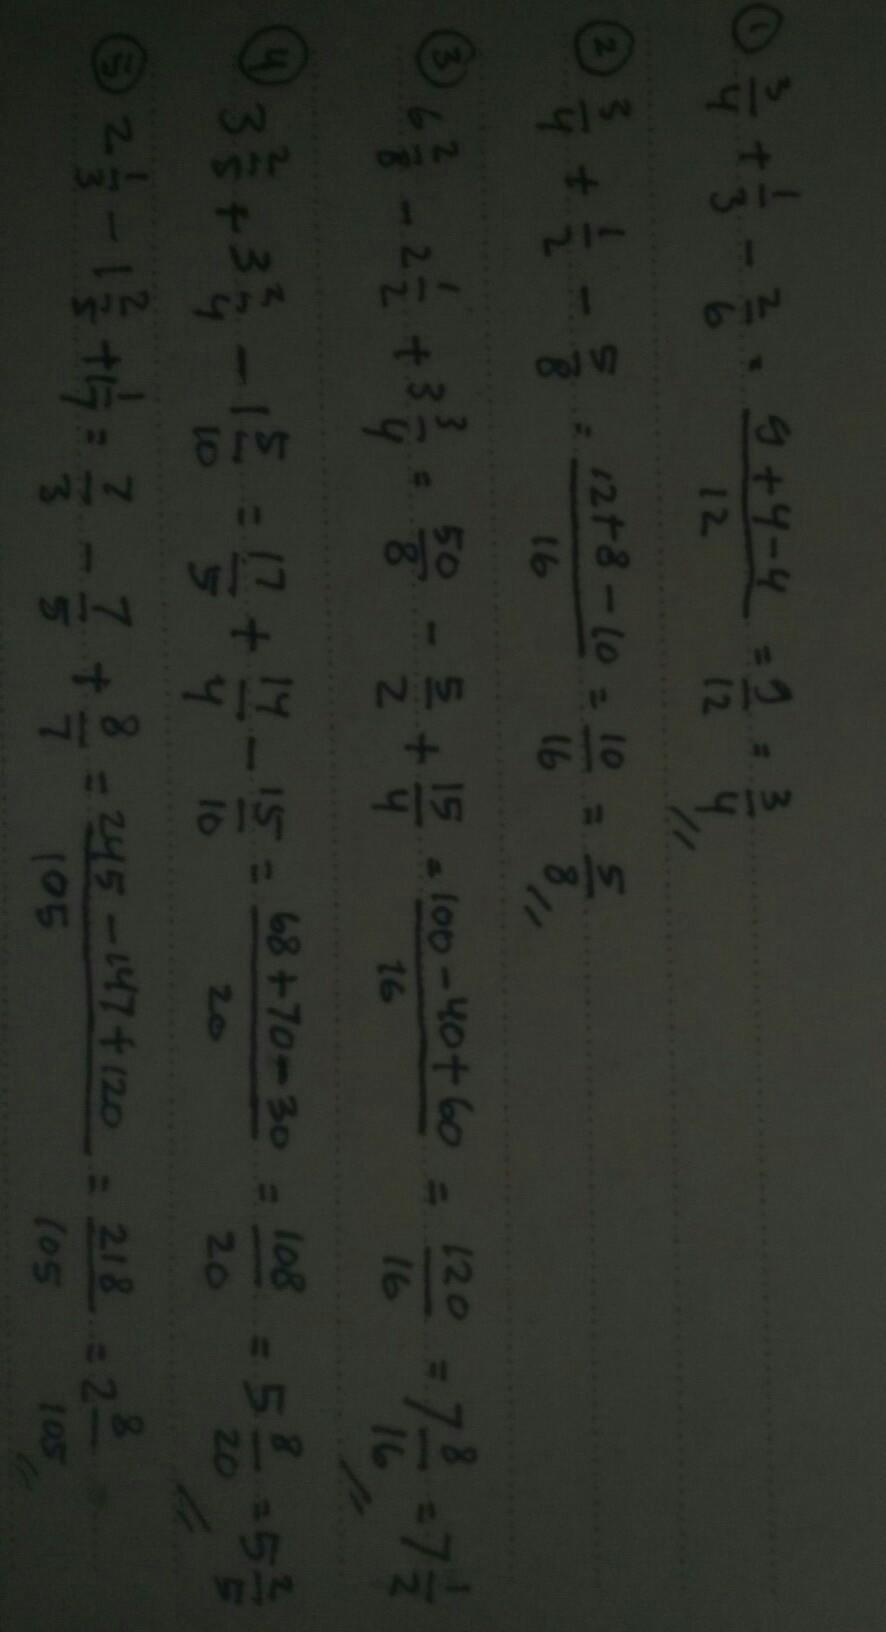 Soal matematika kelas 5 evaluasi diri 2. Kunci Jawaban Evaluasi Diri 2 Matematika Kelas 5 Cara Golden